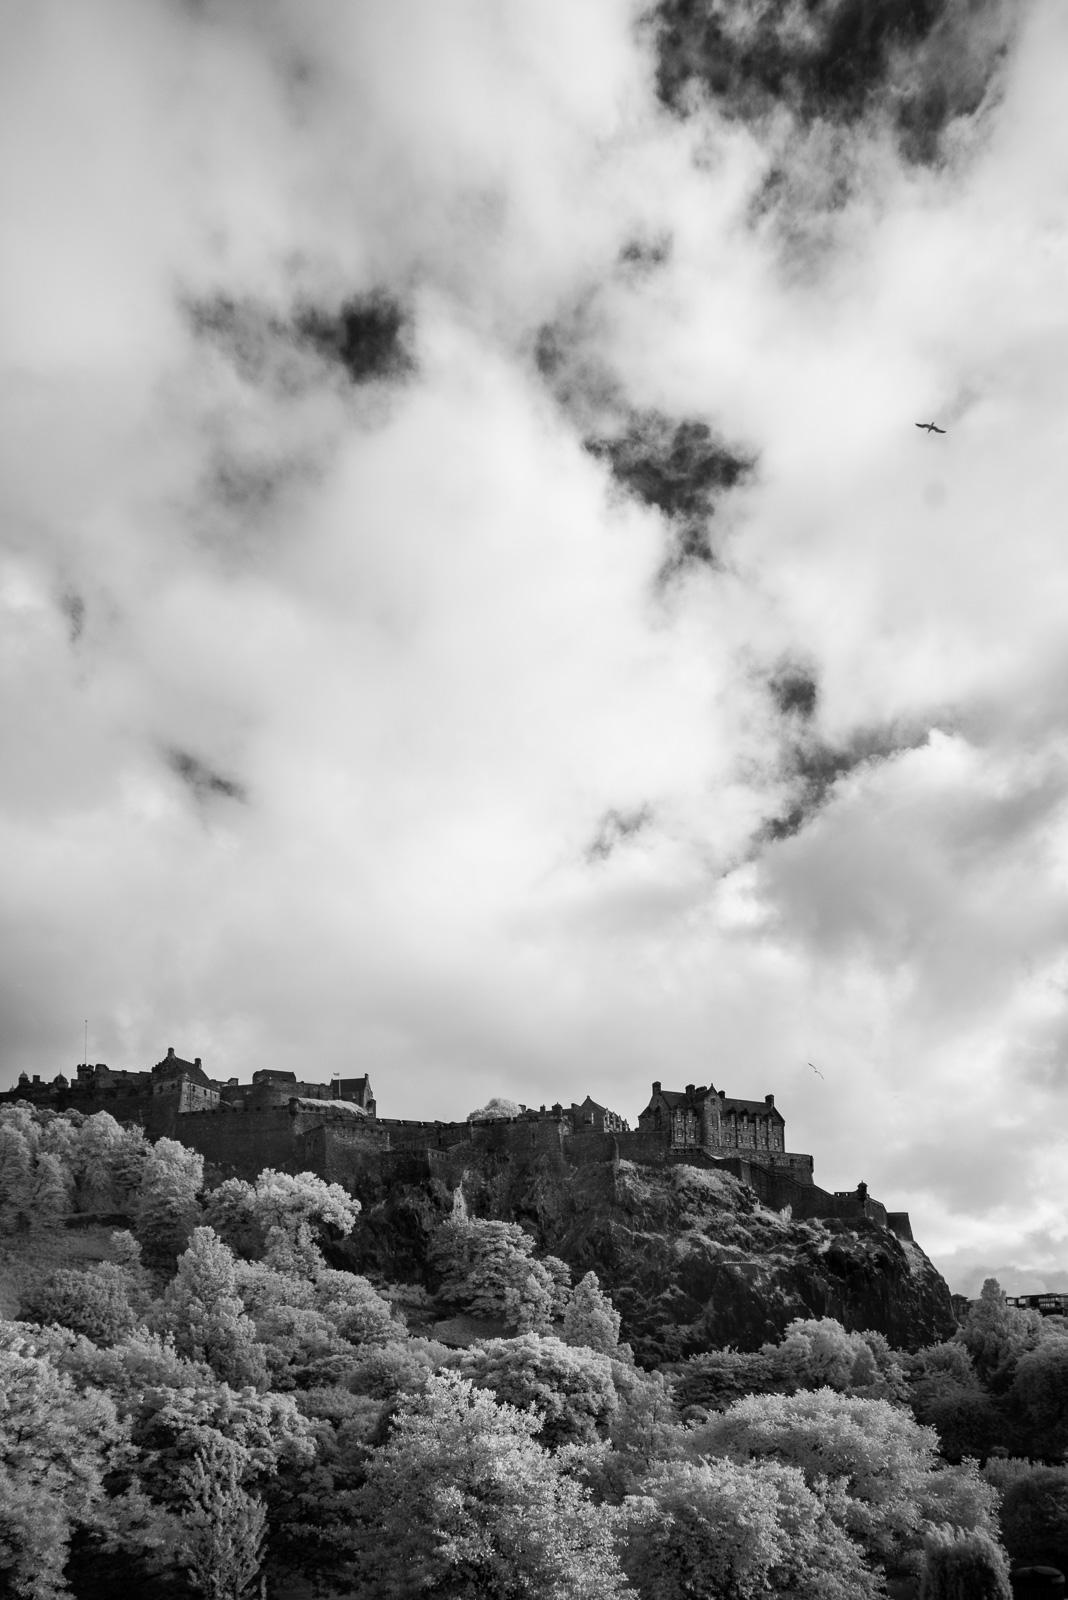 Europe Day 7: North to Edinburgh